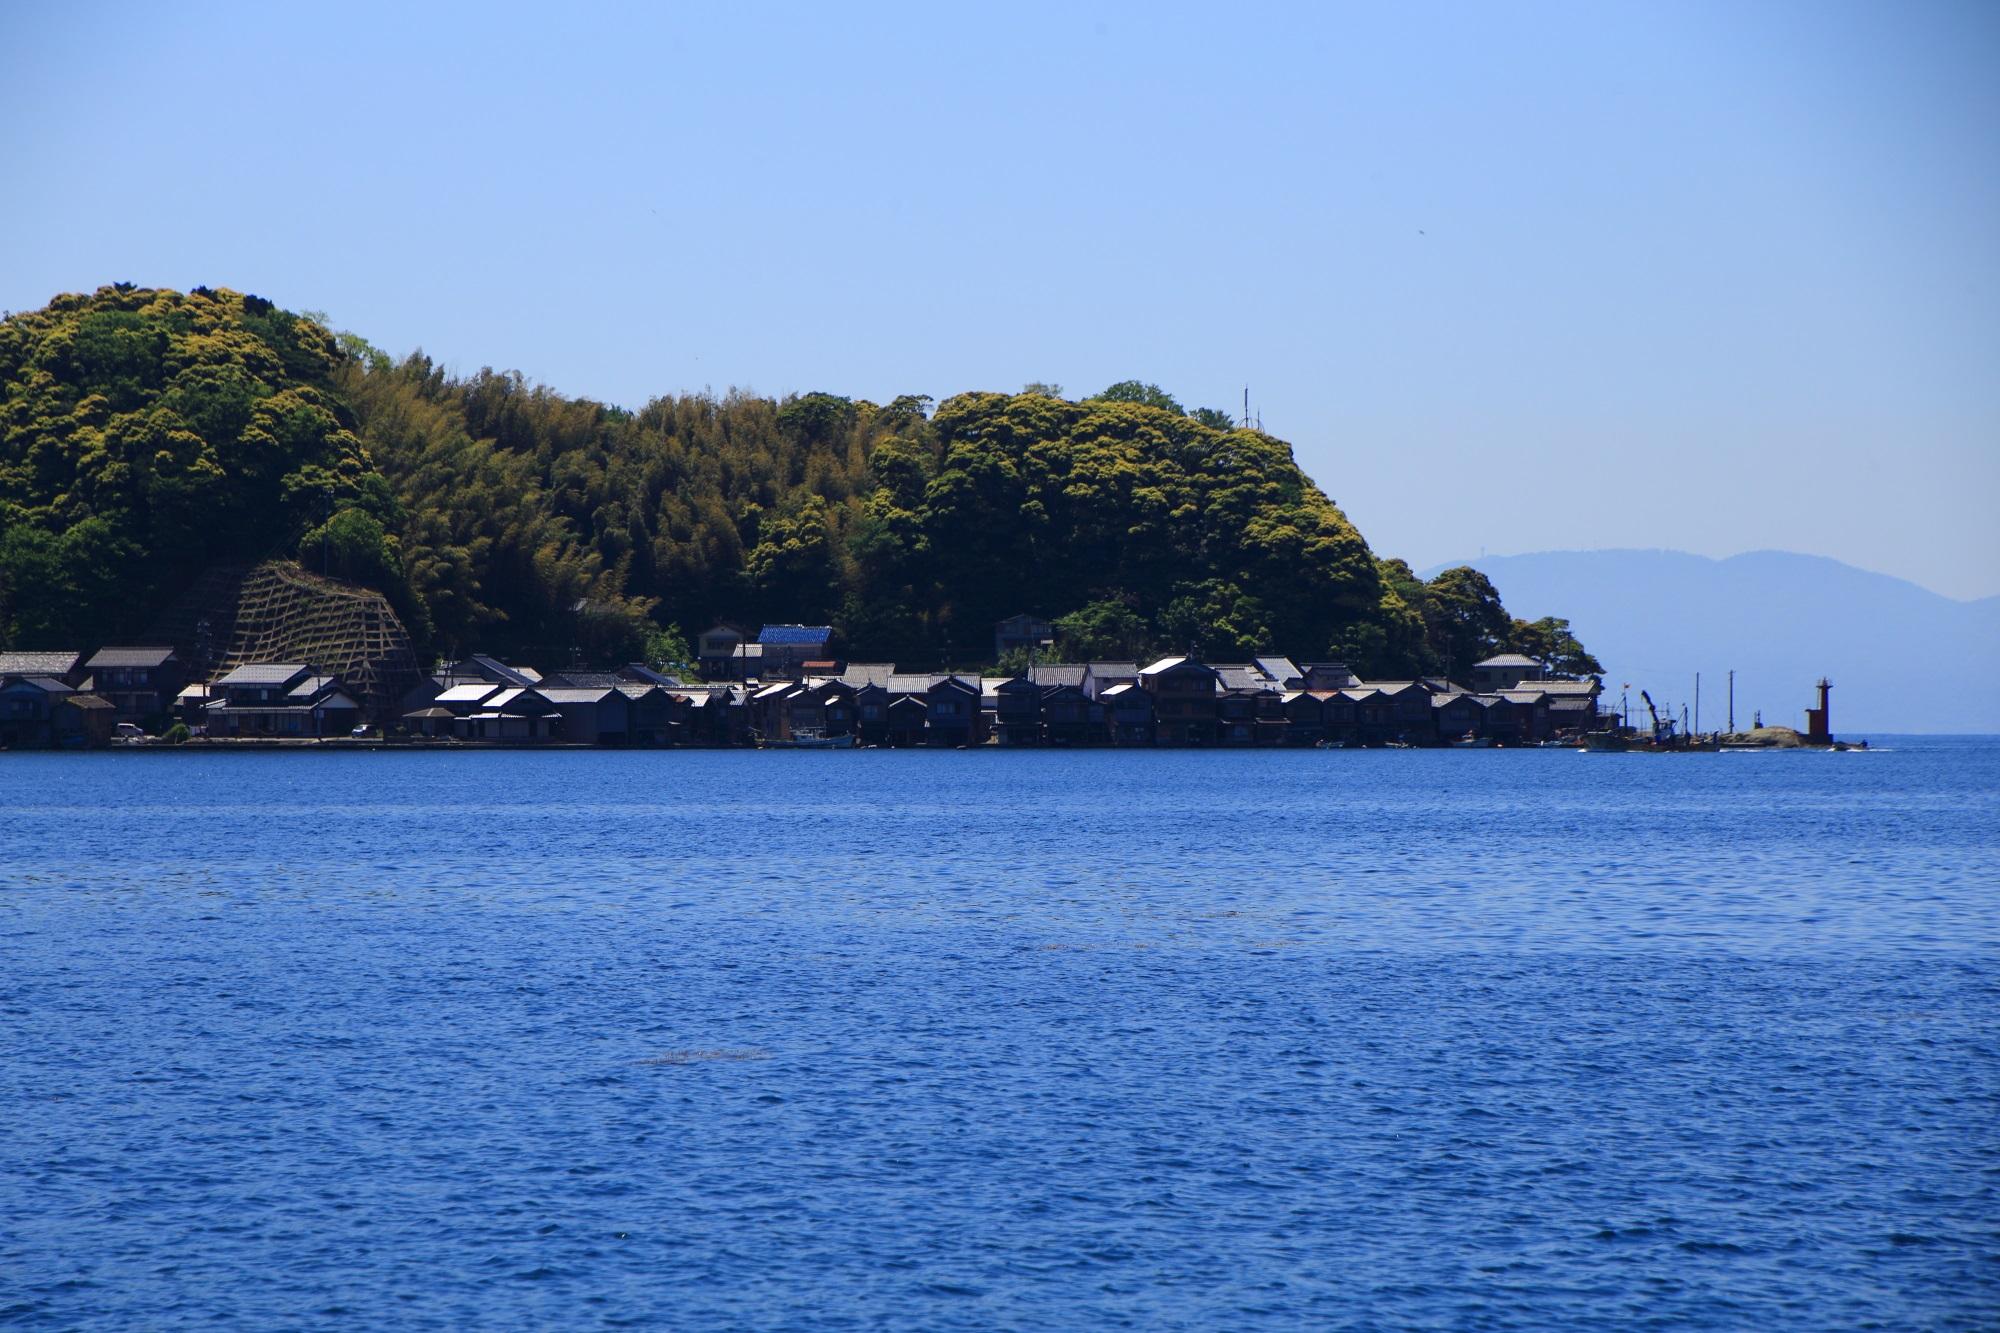 山を背景にして海面に建ち並ぶ伊根の舟屋